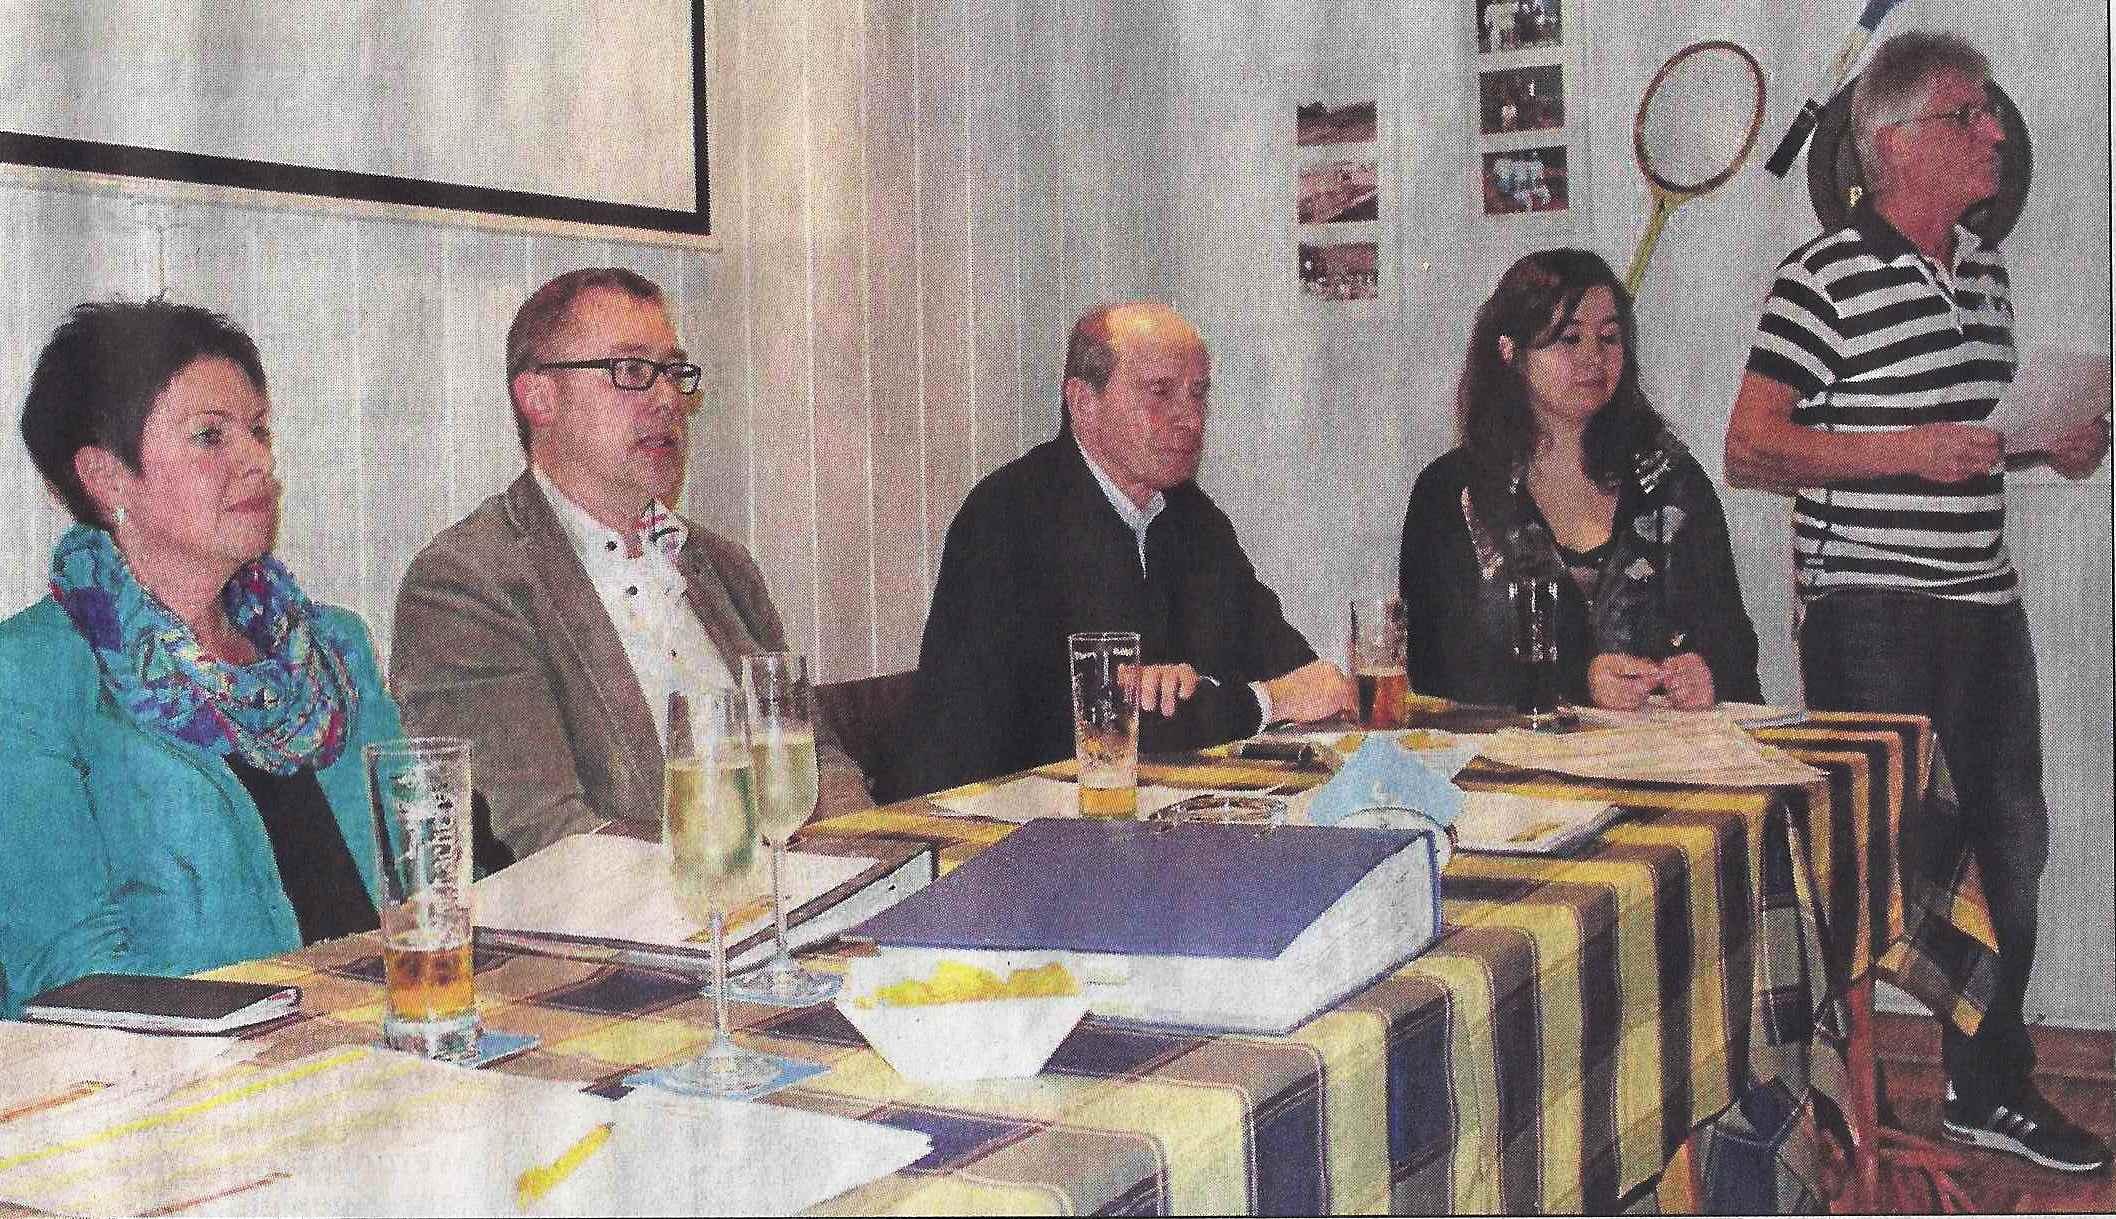 Kassiererin Ulrike Herbel, Vorsitzender Michael Heumann, der zweite Vorsitzende Jochen Menke und Jugendwartin Madeleine Hanses (von links) verfolgen Reiner Faniengs Ausführungen zum neuen Spielmodus der Clubmeisterschaft. Foto: Bröer